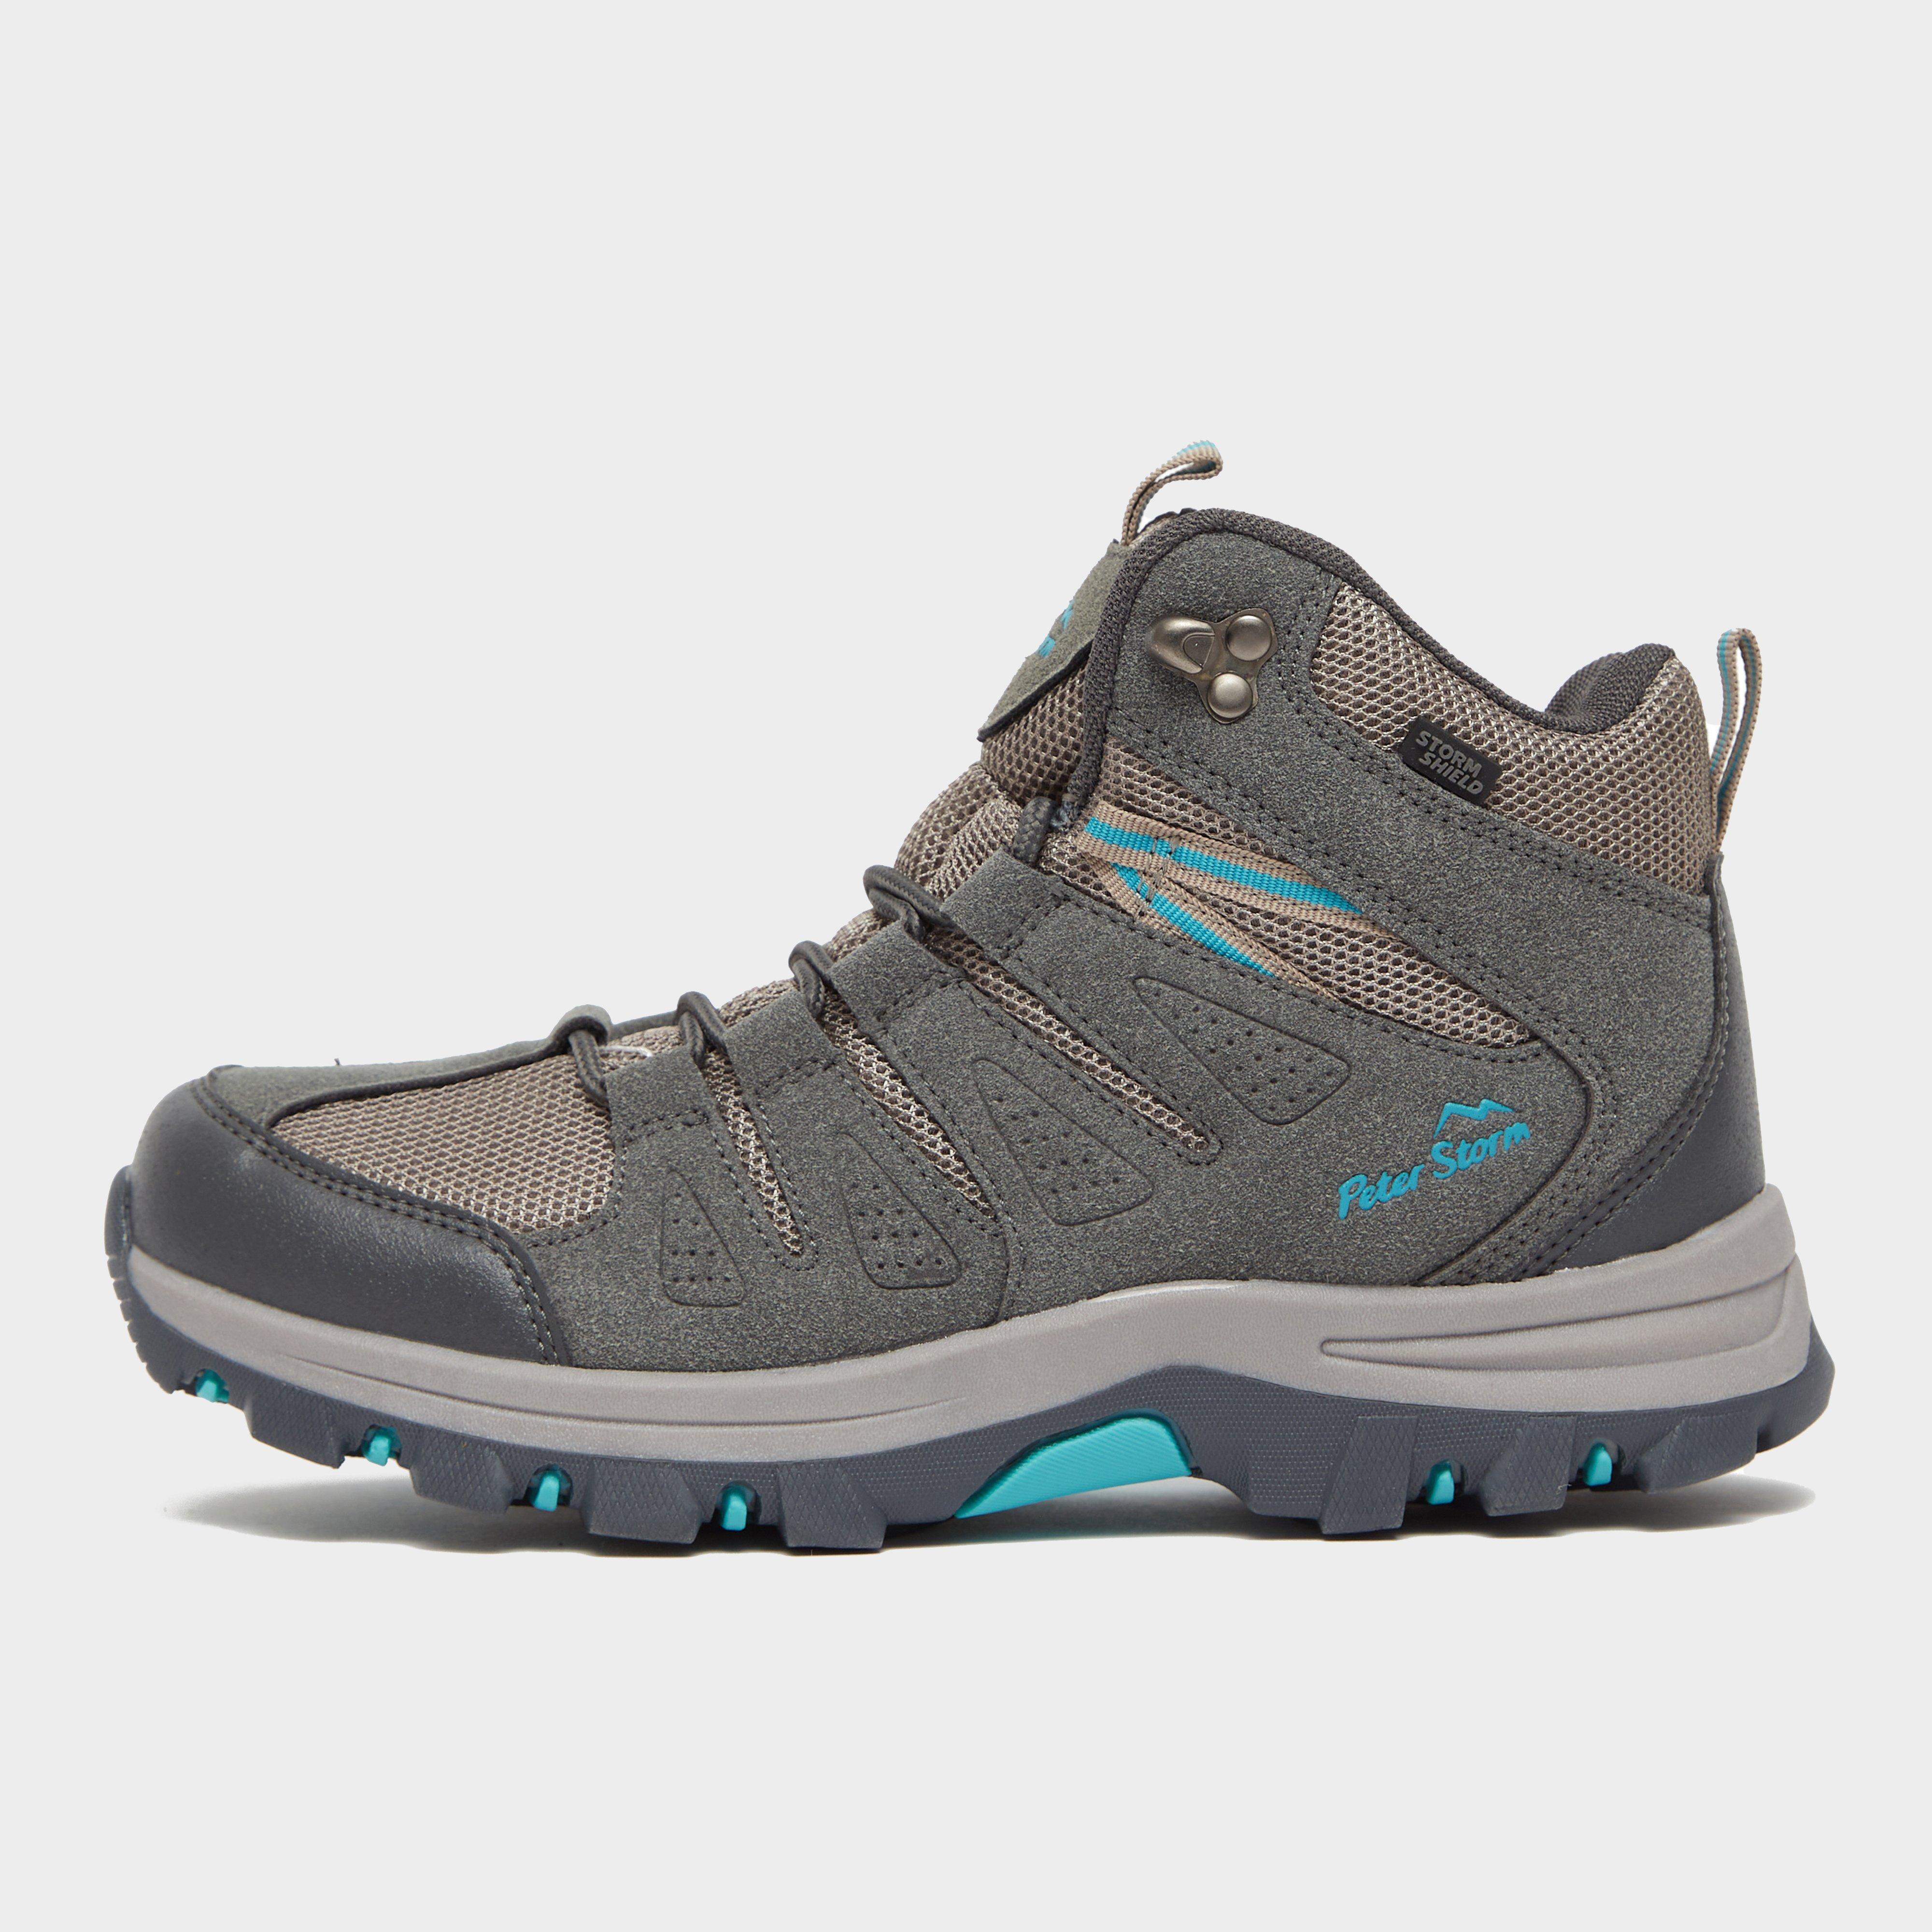 Peter Storm Women's Dovedale Waterproof Walking Boot - Grey, Grey